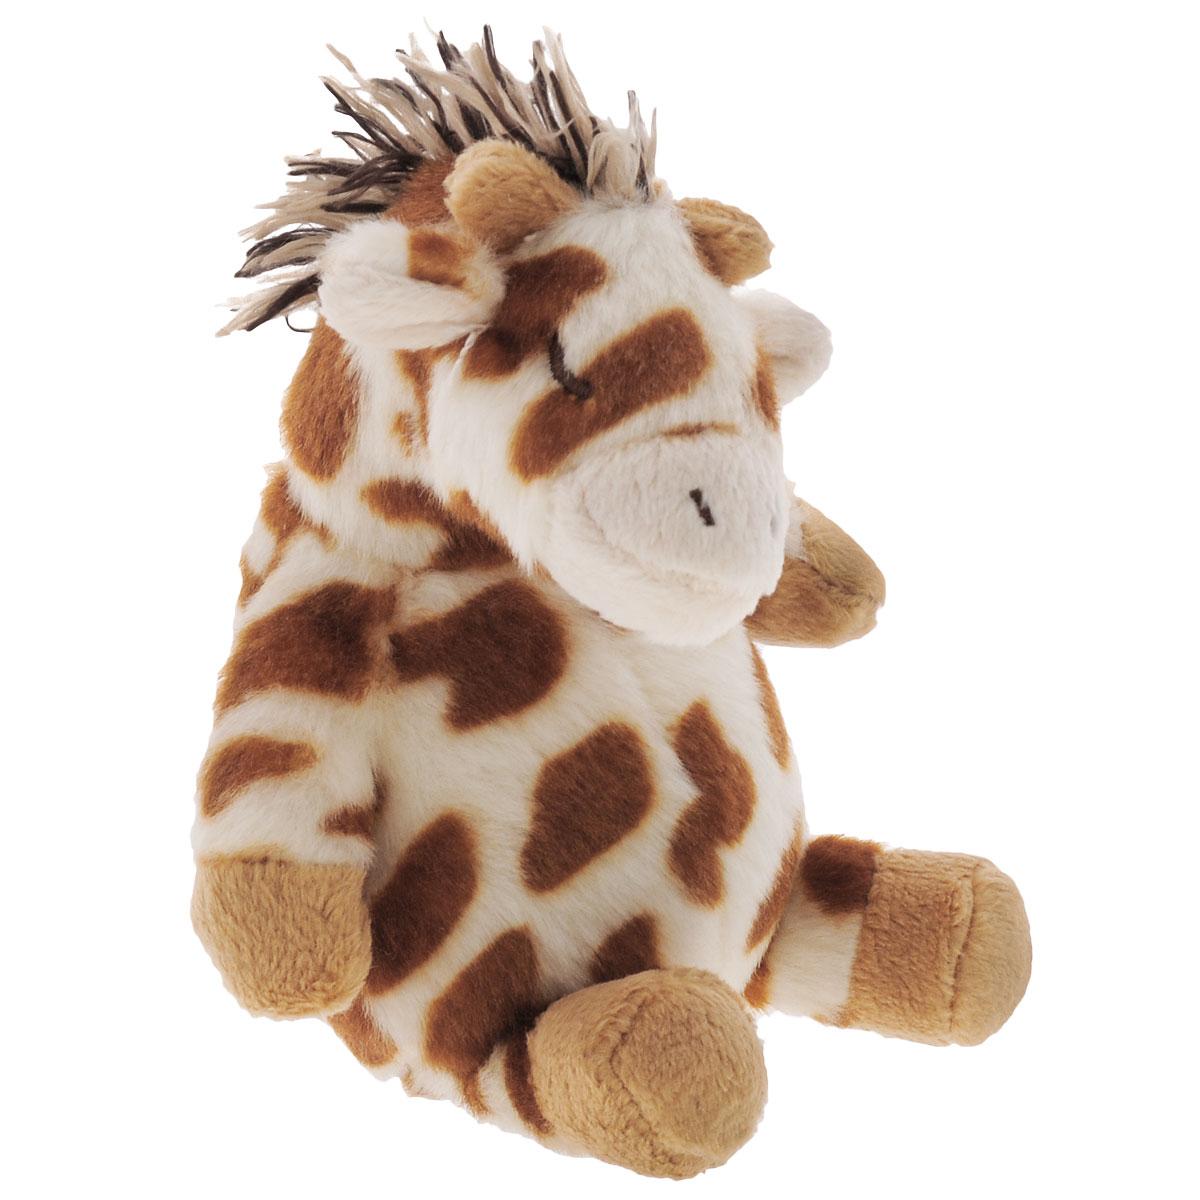 Мягкая игрушка-погремушка Cloud B Жирафик7361-ZZ-RUМягкая игрушка-погремушка Cloud B Жирафик привлечет внимание малыша и не позволит ему скучать. Выполнена из безопасных материалов в виде жирафа. Погремушка идеальна для маленьких ручек малыша. При тряске издает негромкий звук. Мягкая игрушка-погремушка способствует развитию мышления, координации движений, звукового и цветового восприятия, тактильных ощущений, совершенствует моторику нежных пальчиков малыша. Ваш малыш обязательно полюбит игрушку, а игры с ней будут не только увлекательными, но и полезными для развития малыша. Порадуйте своего ребенка таким замечательным подарком.